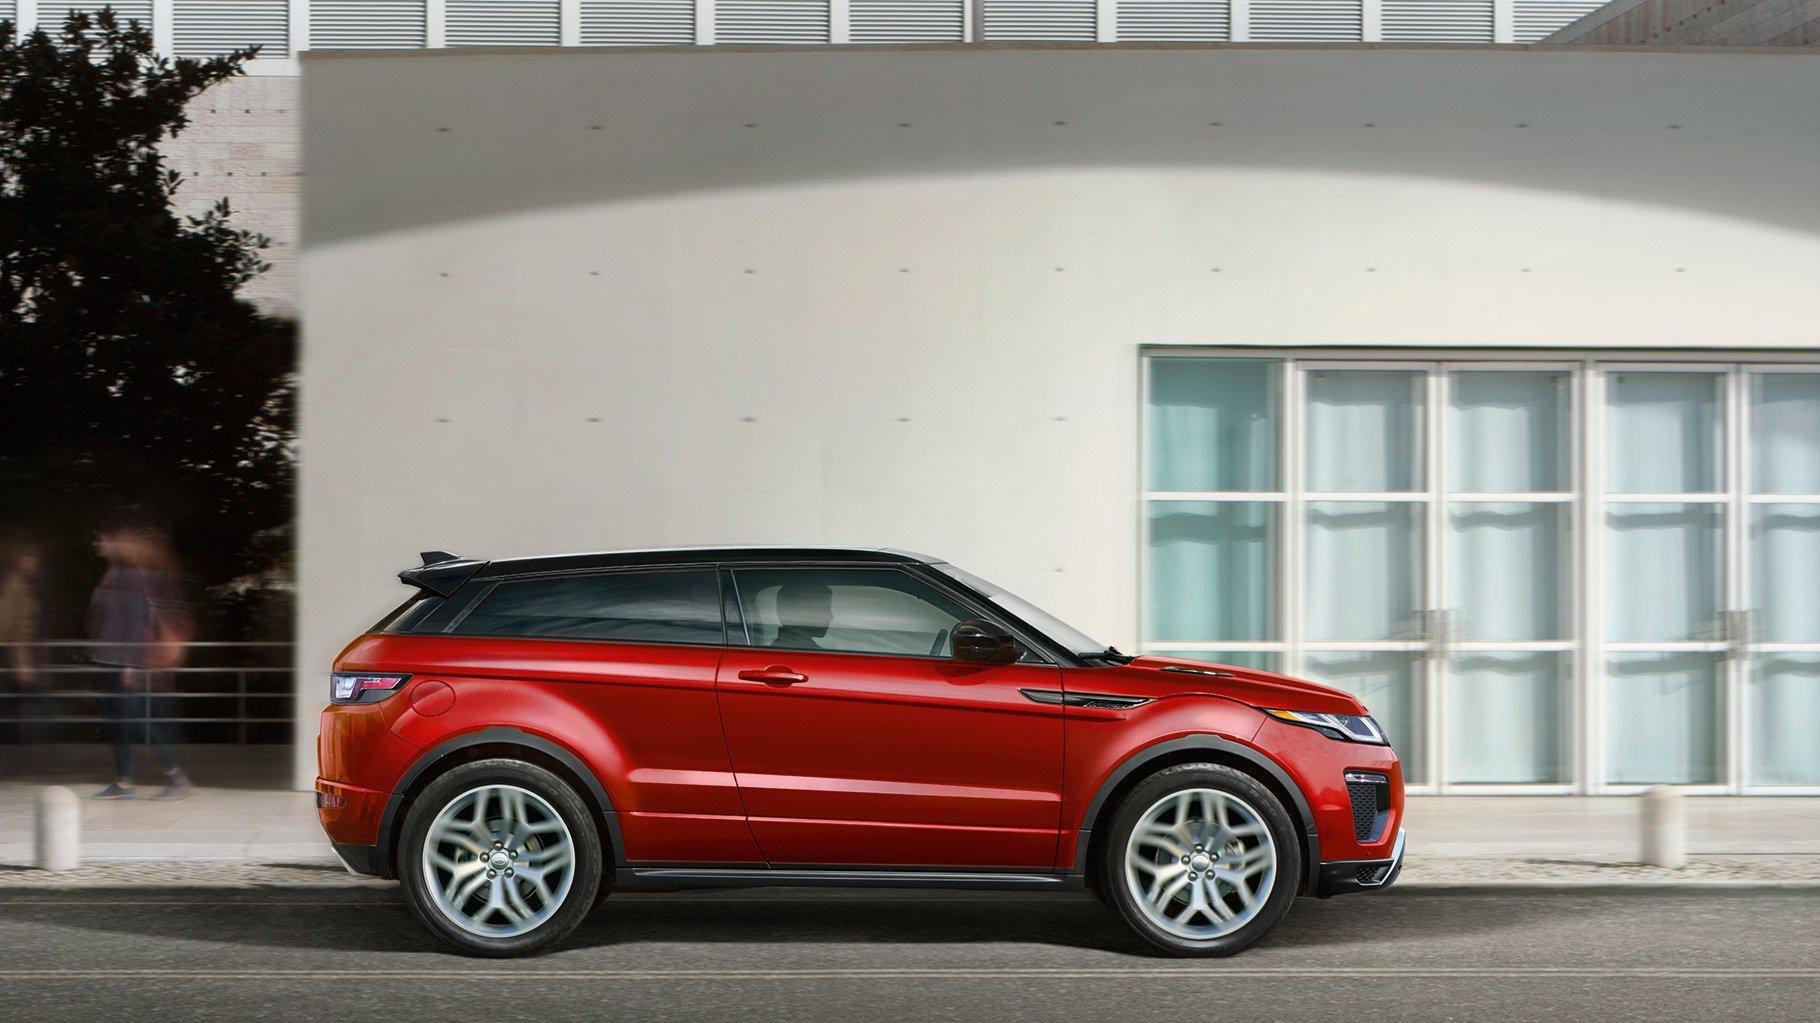 2017 Land Rover Range Rover Evoque Exterior side profile